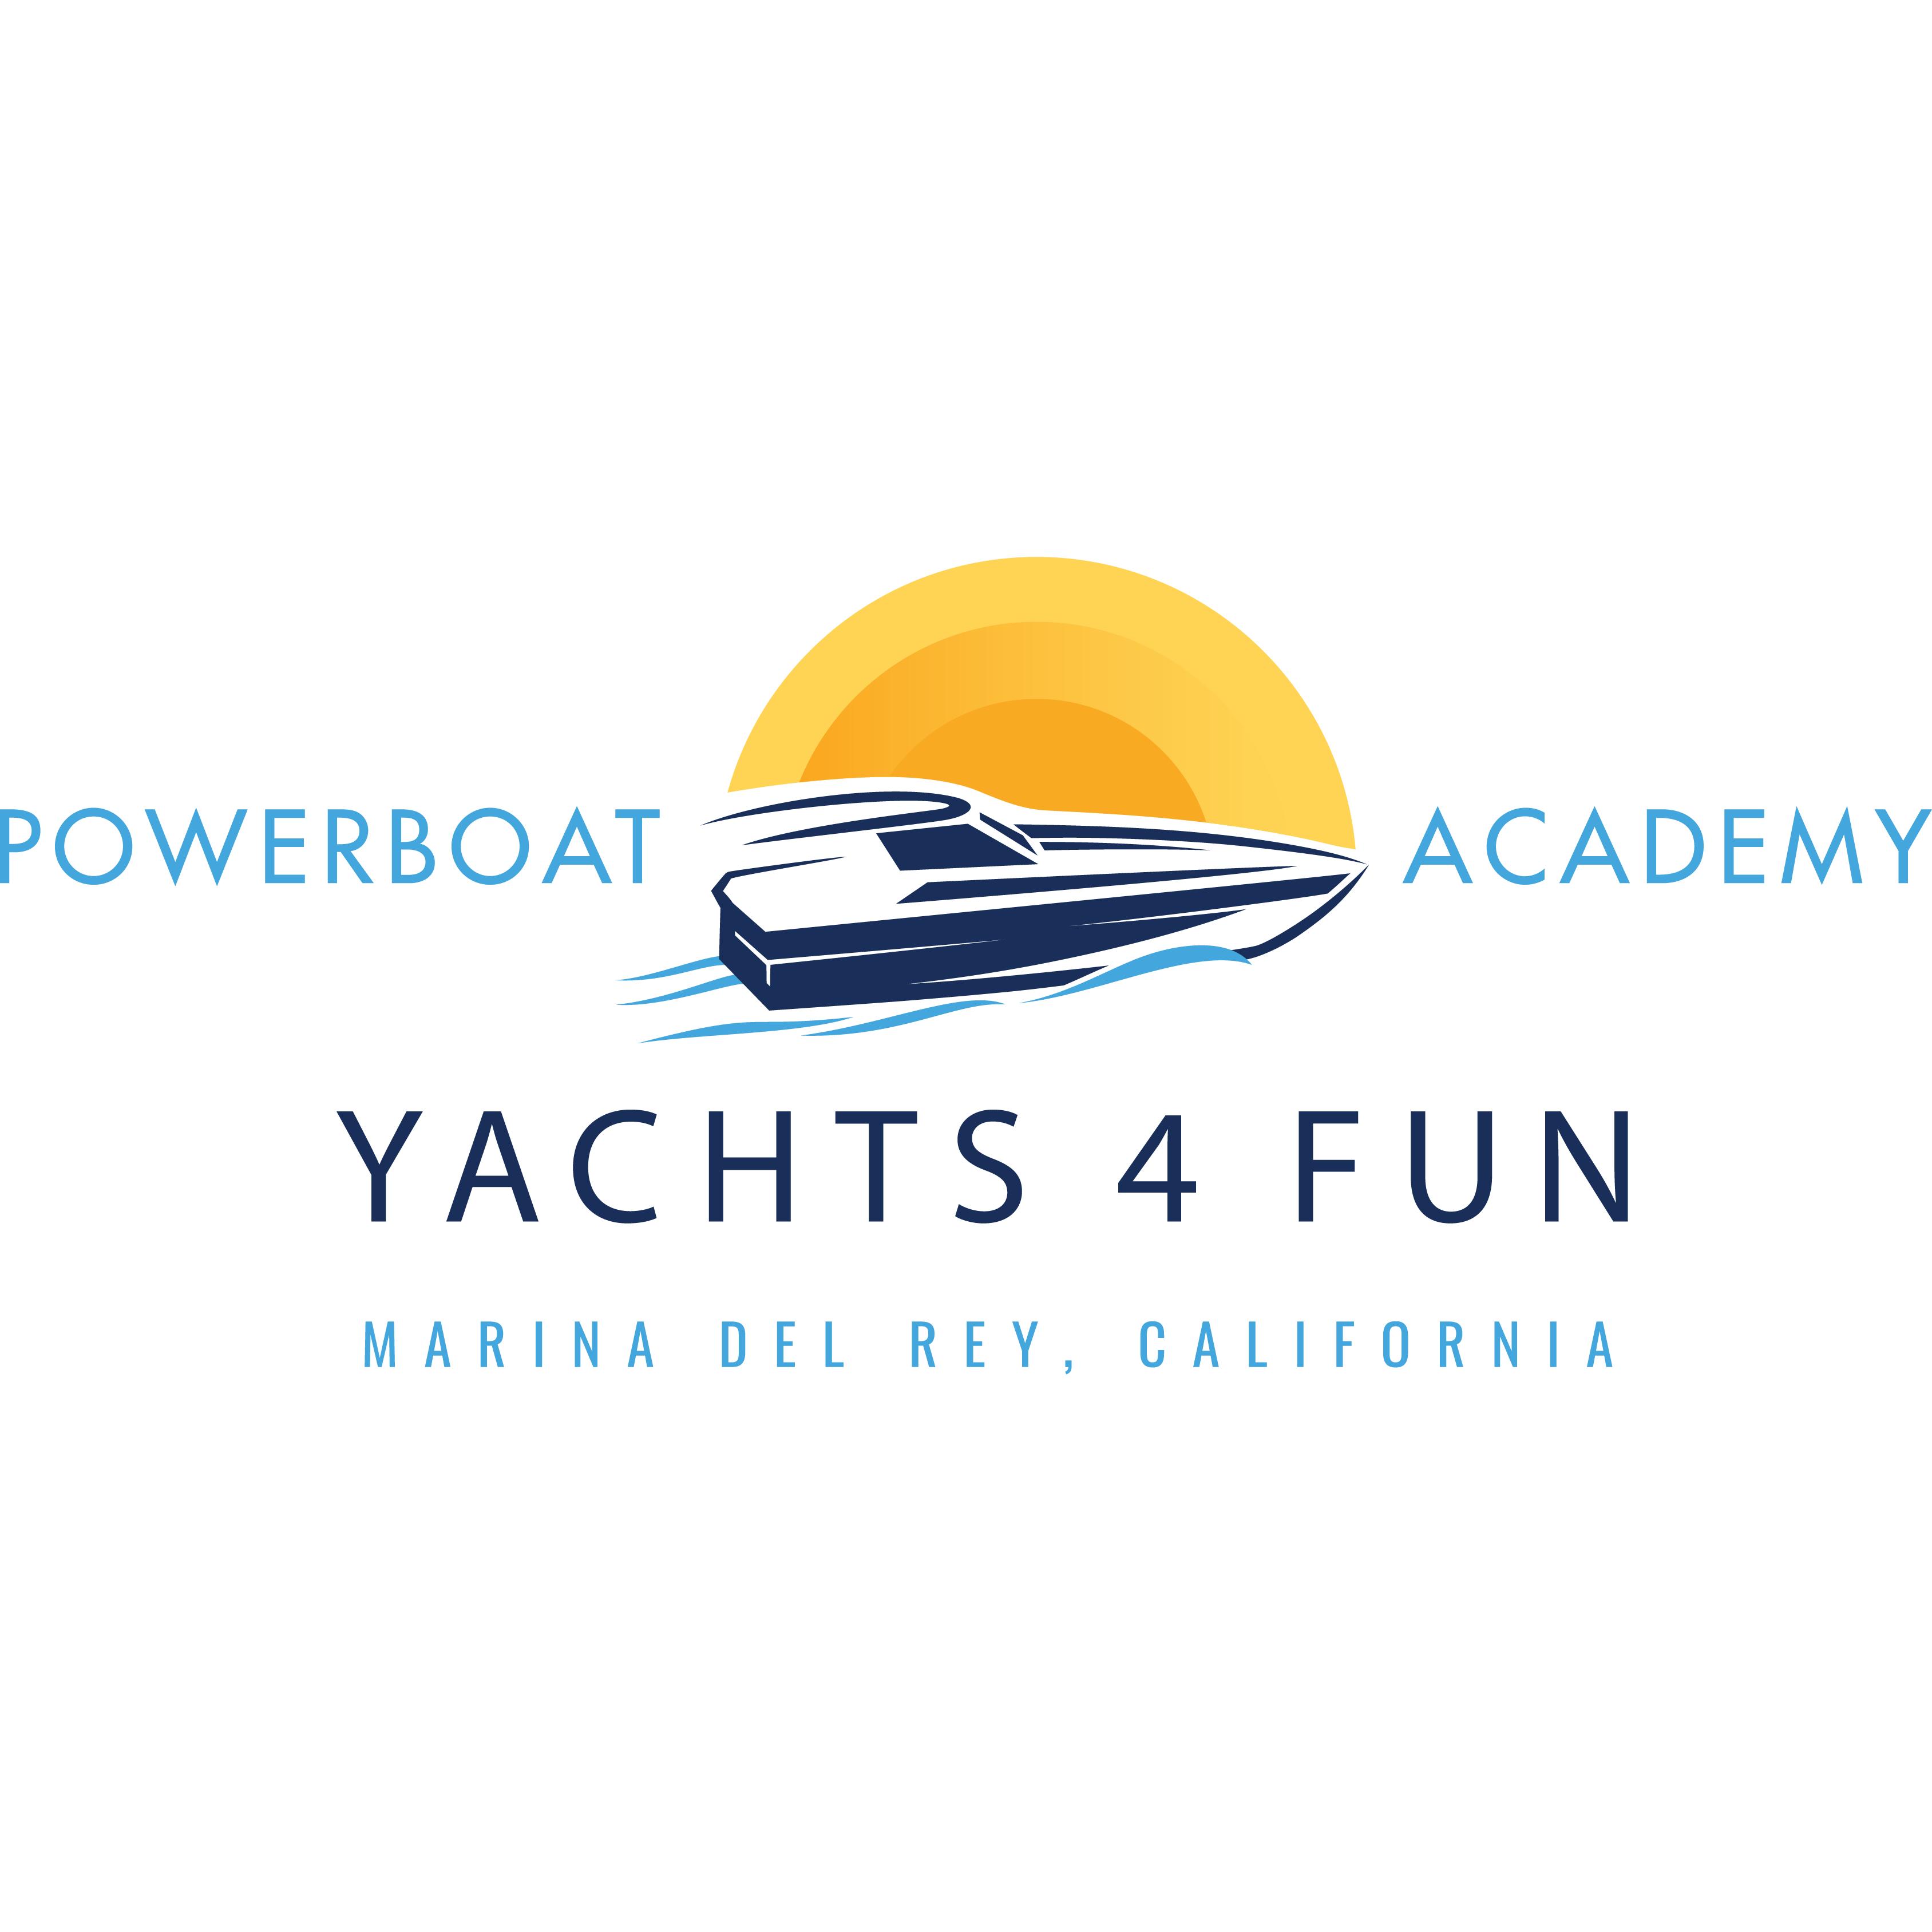 Yachts 4 Fun